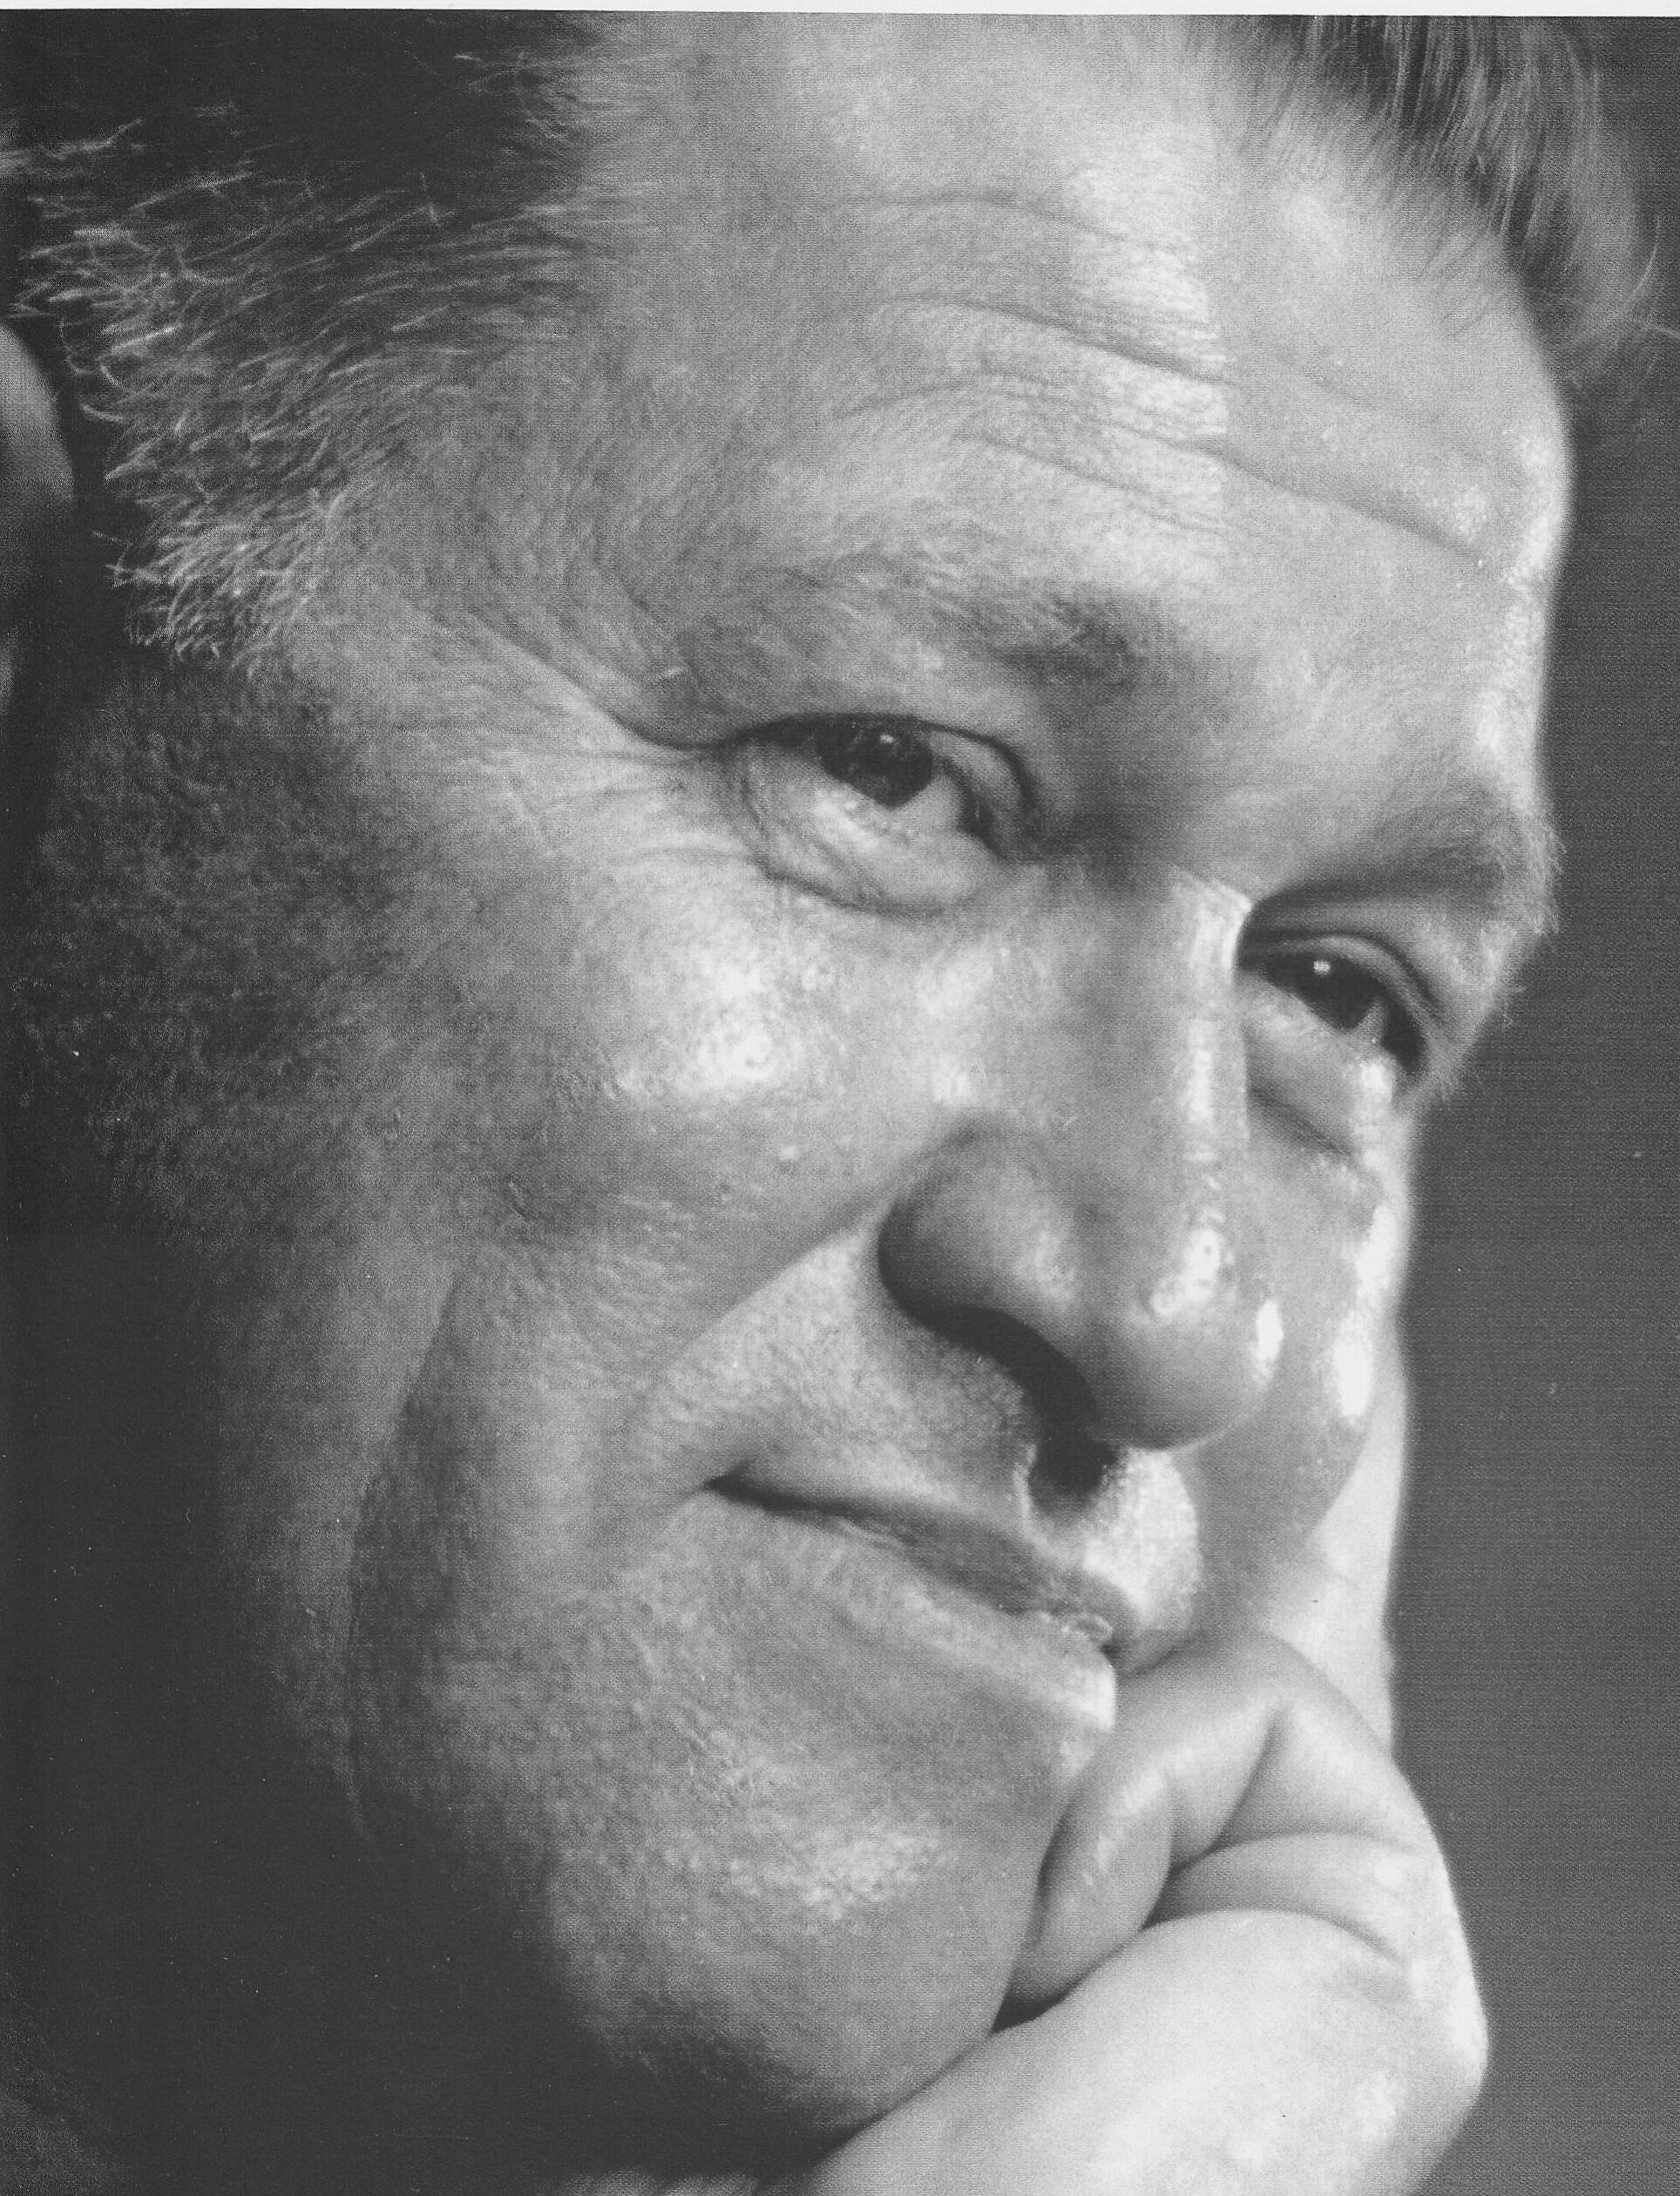 August William Derleth (1909 – 1971)